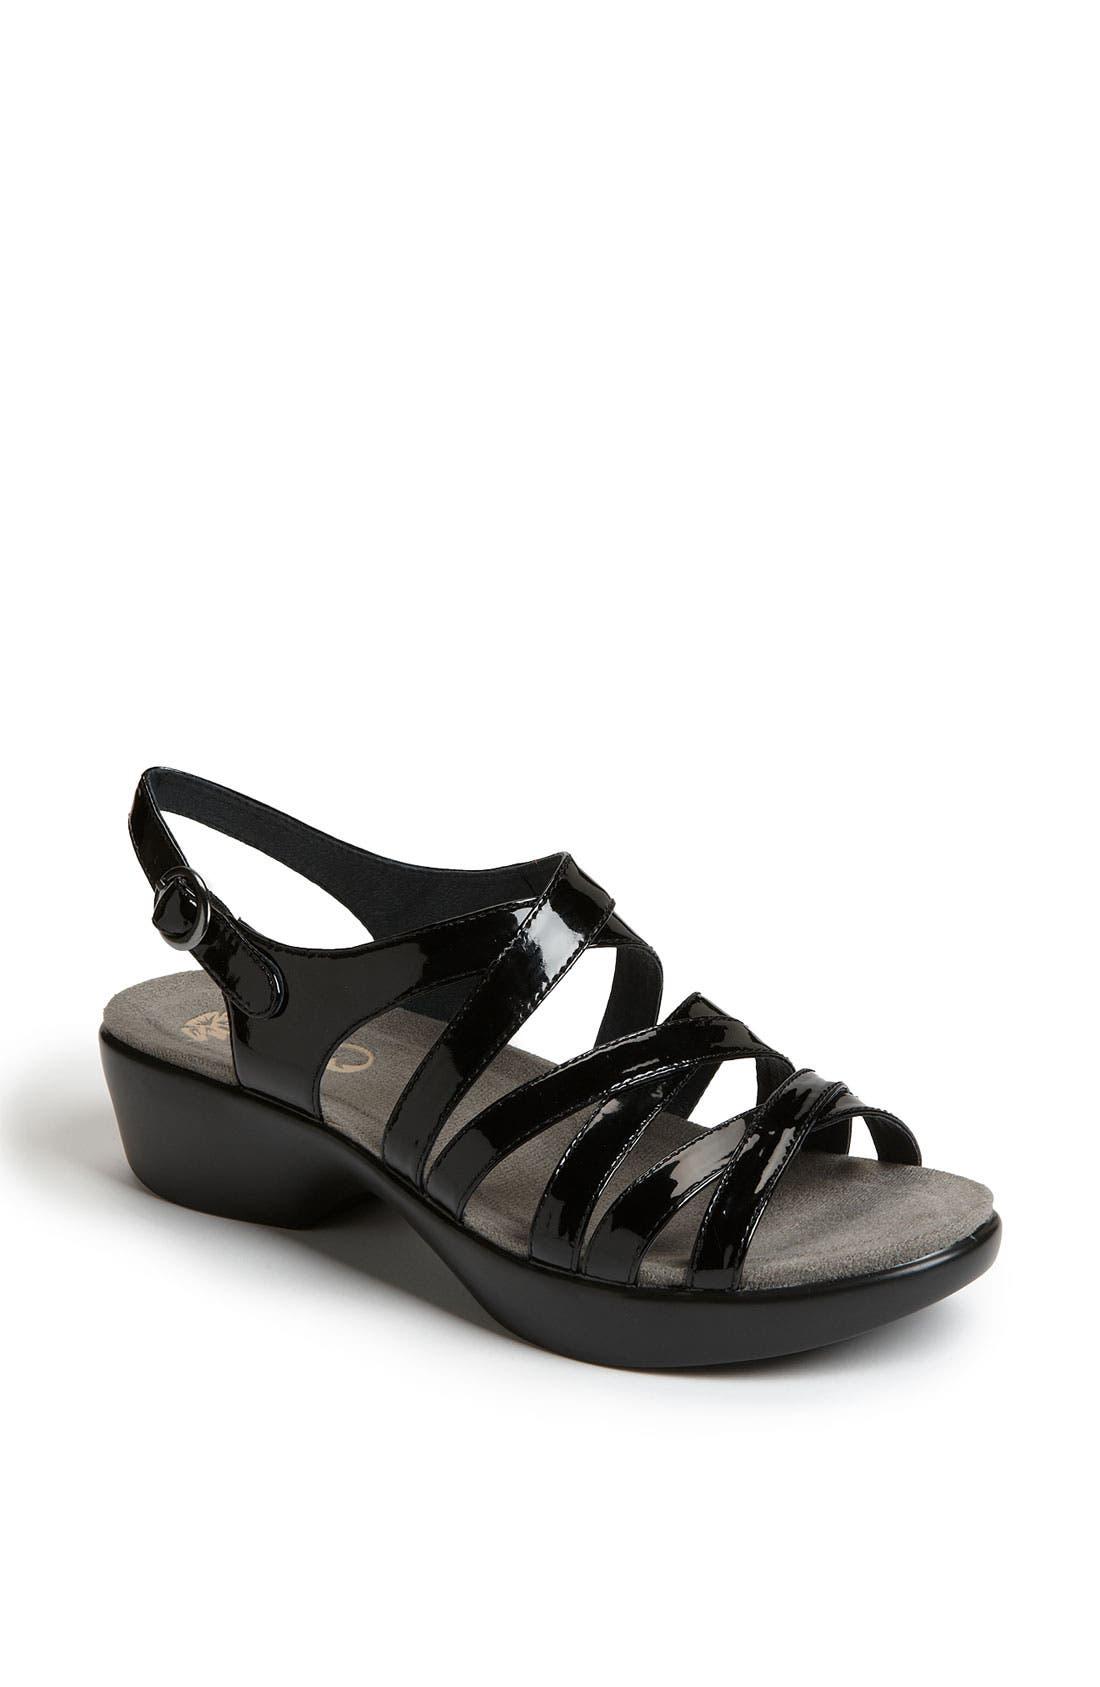 Alternate Image 1 Selected - Dansko 'Dani' Sandal